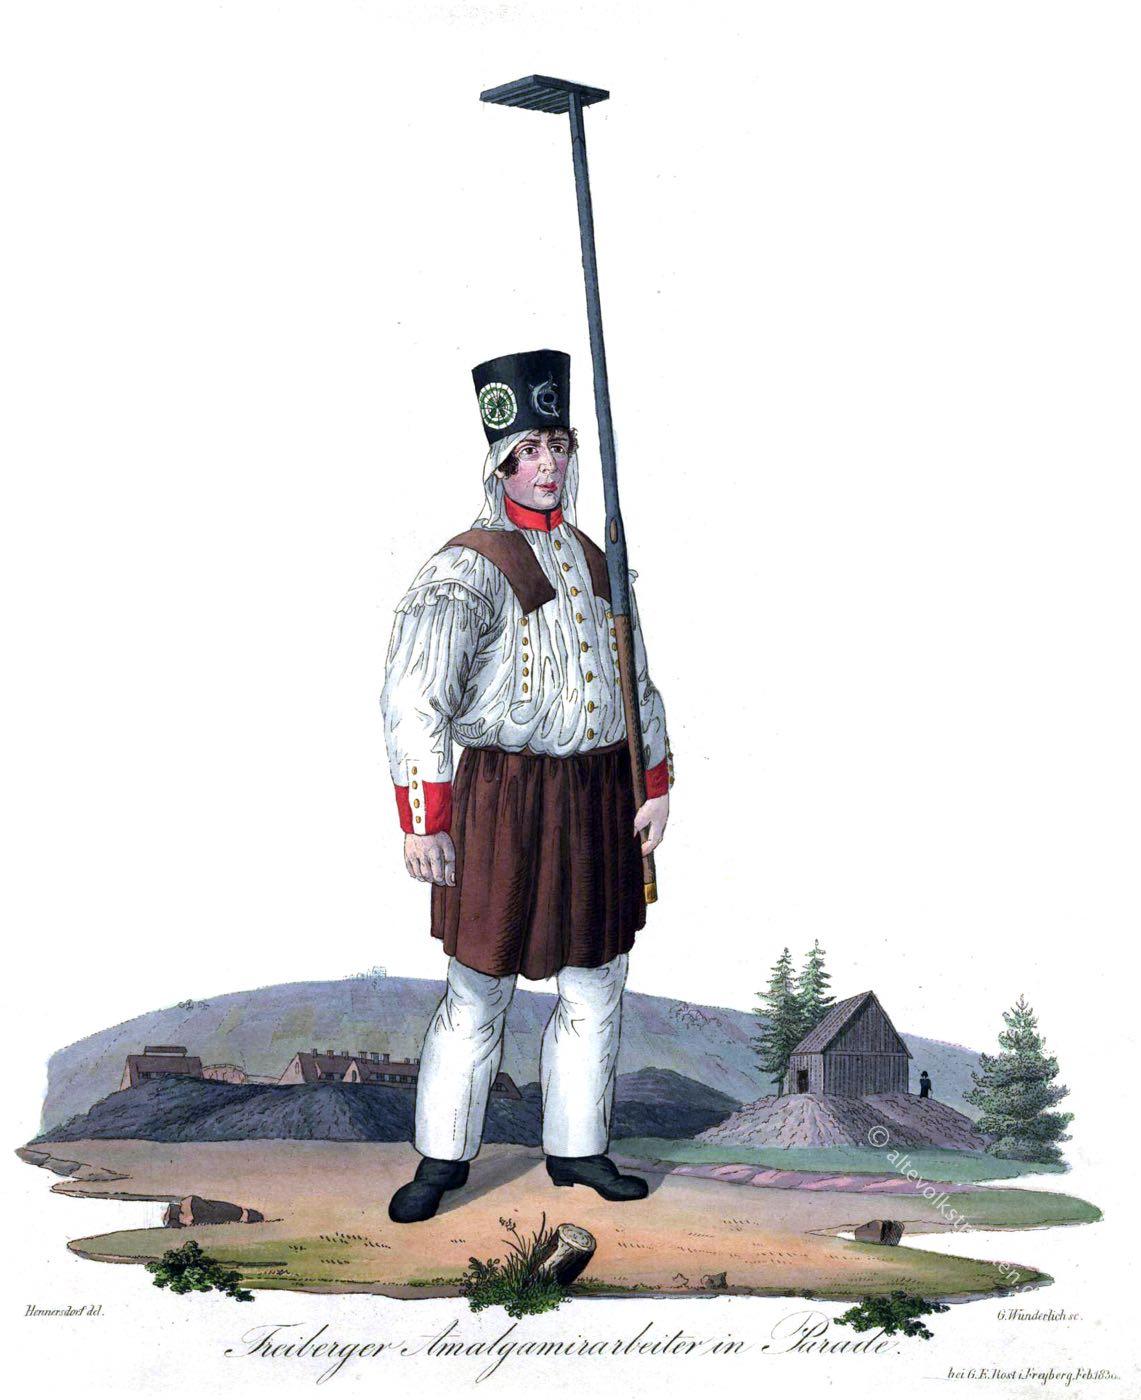 Amalgamierarbeiter, Paradetracht, Freiberg, Sachsen, Trachten, Bergarbeiter, Bergmann, Hüttenmann,